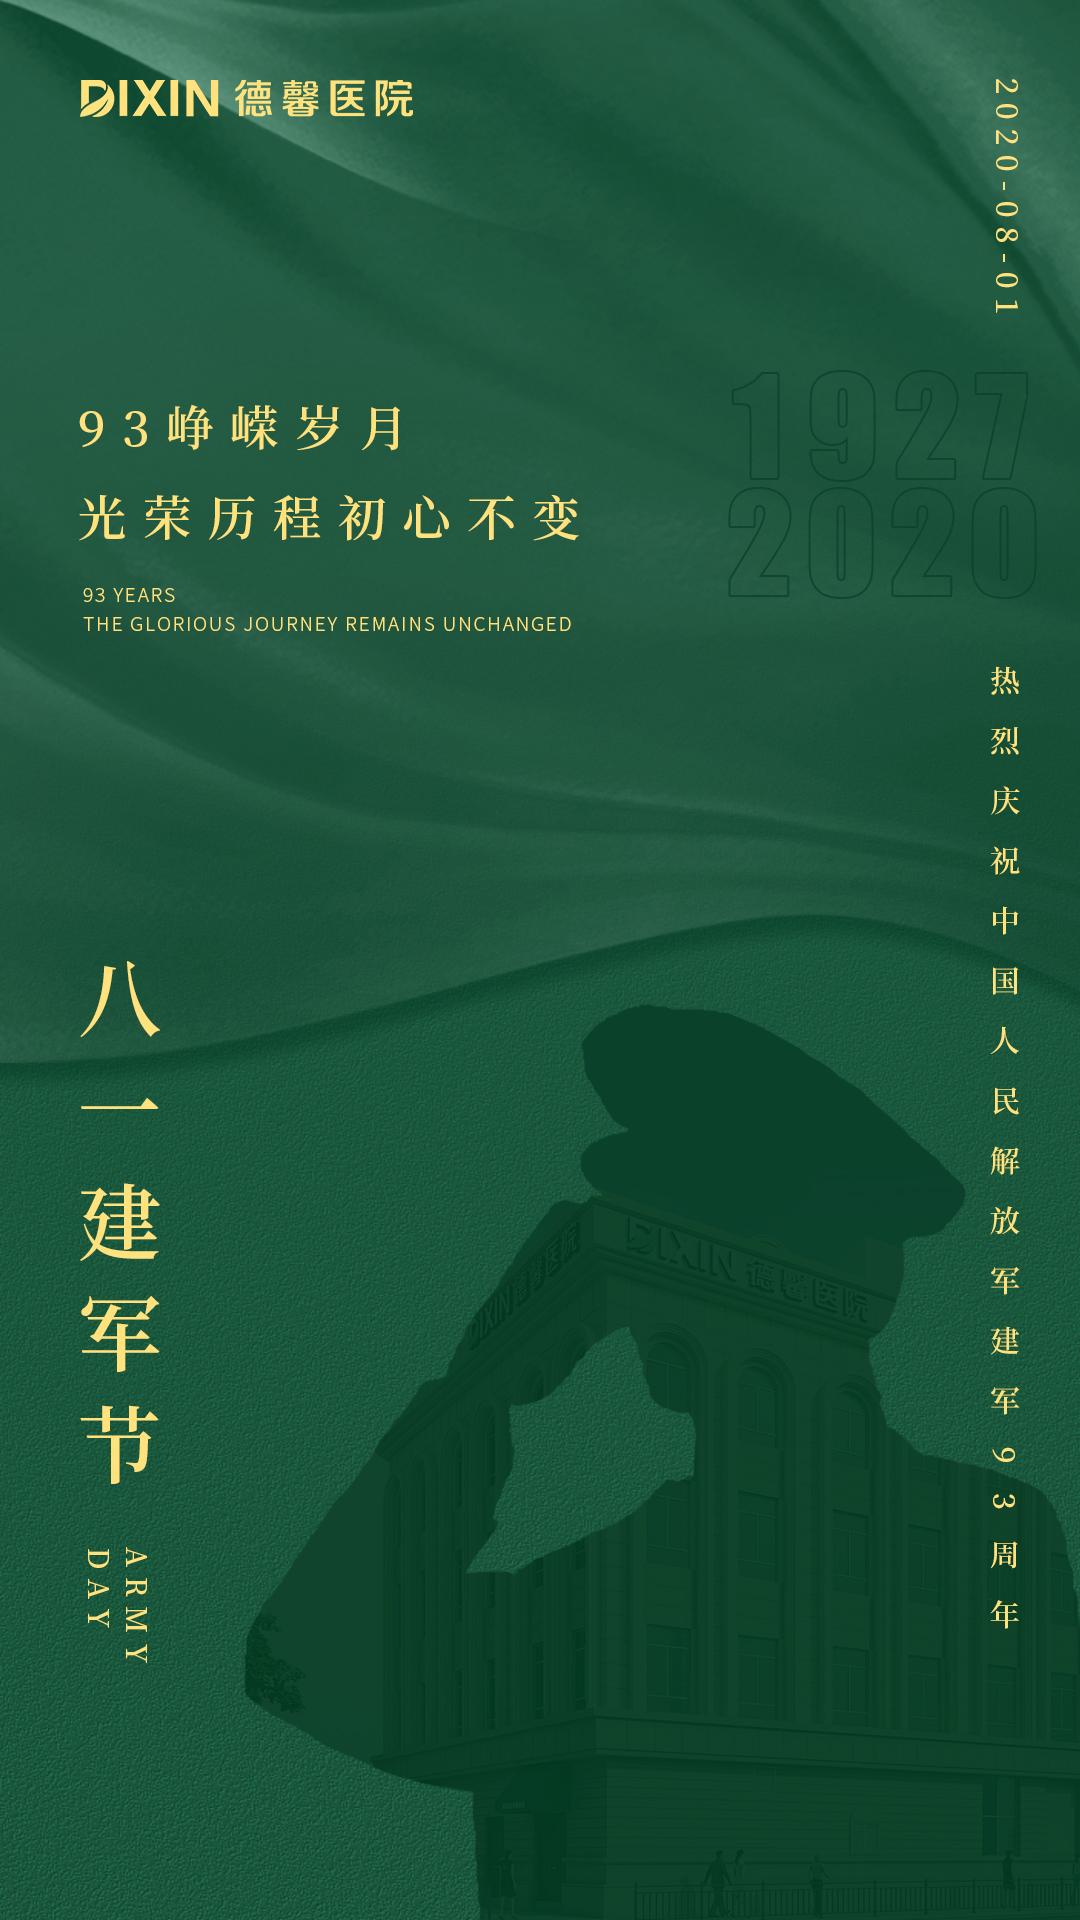 8月1日 建军节